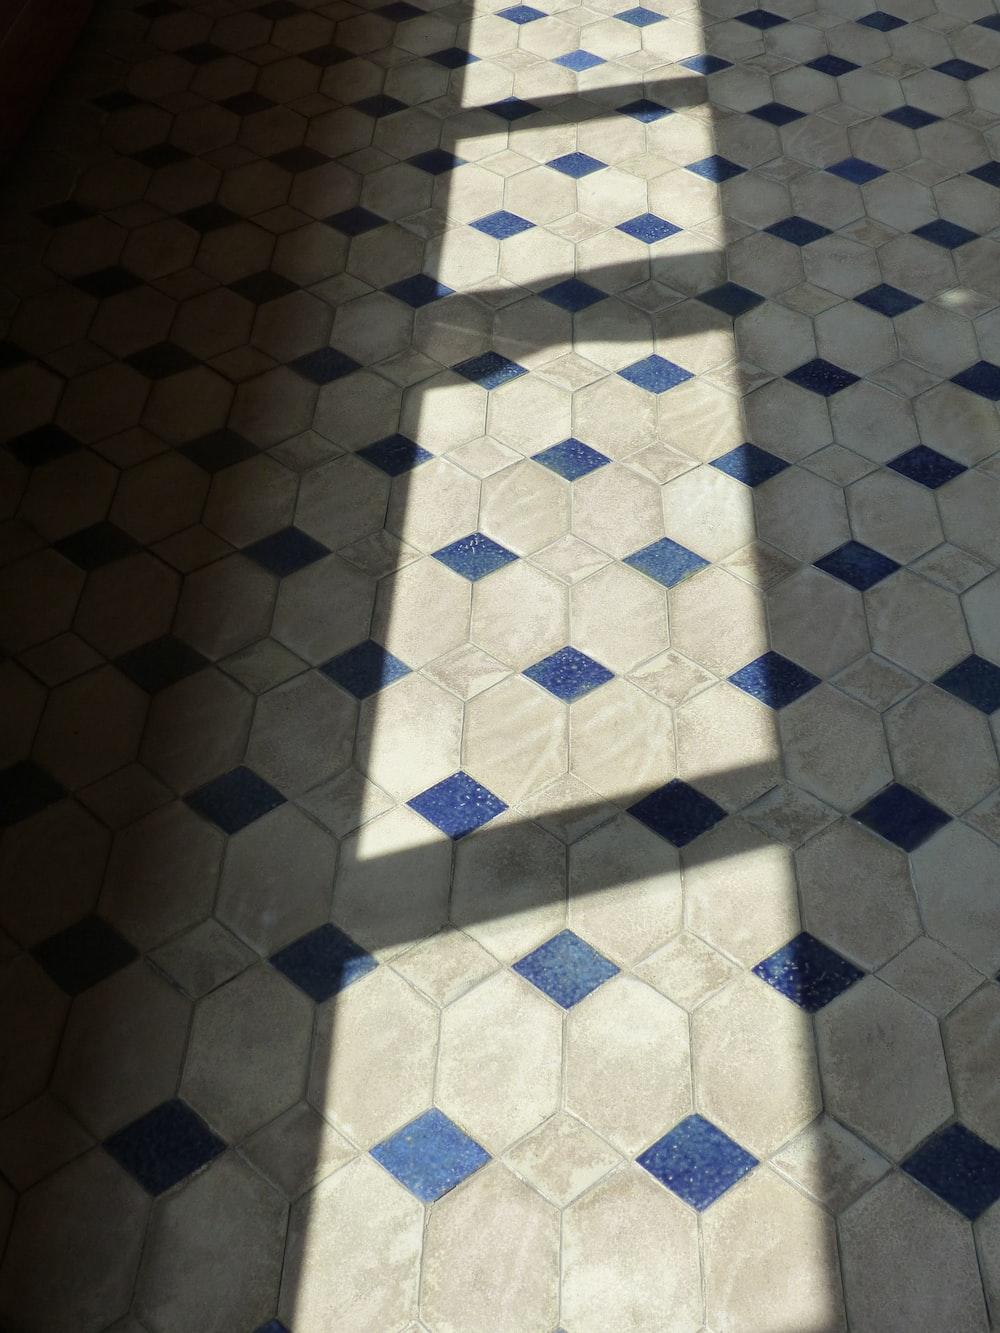 white and blue tiled floor